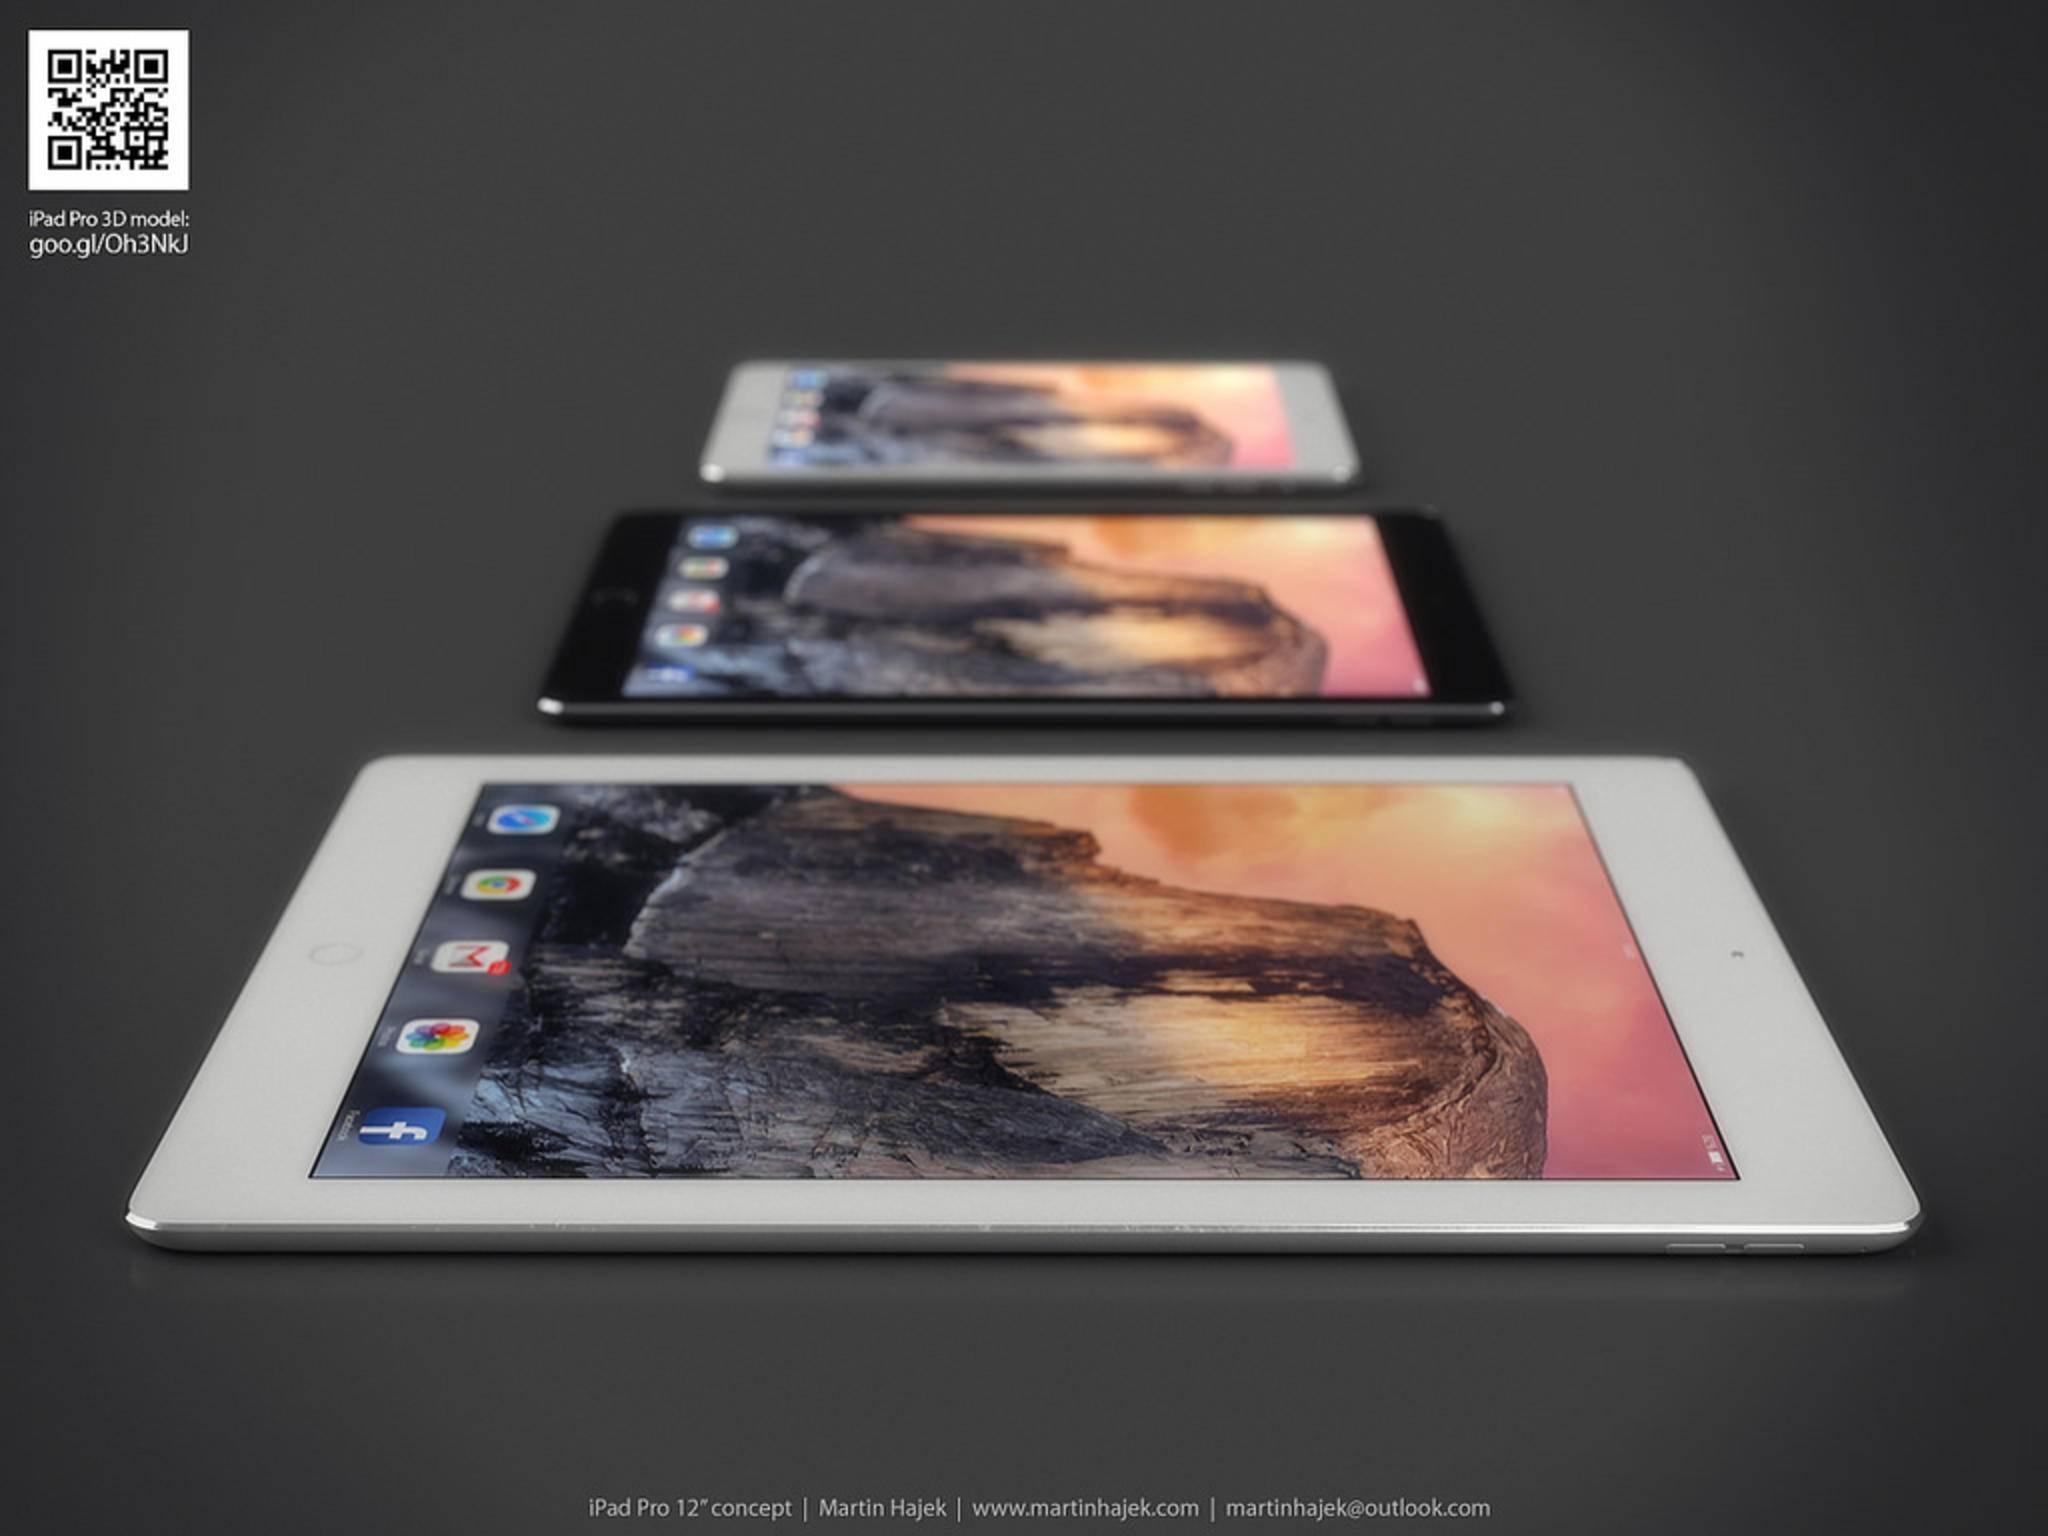 Das iPad Pro – oder auch iPad Plus – soll ein 12,9 Zoll großes Display haben.